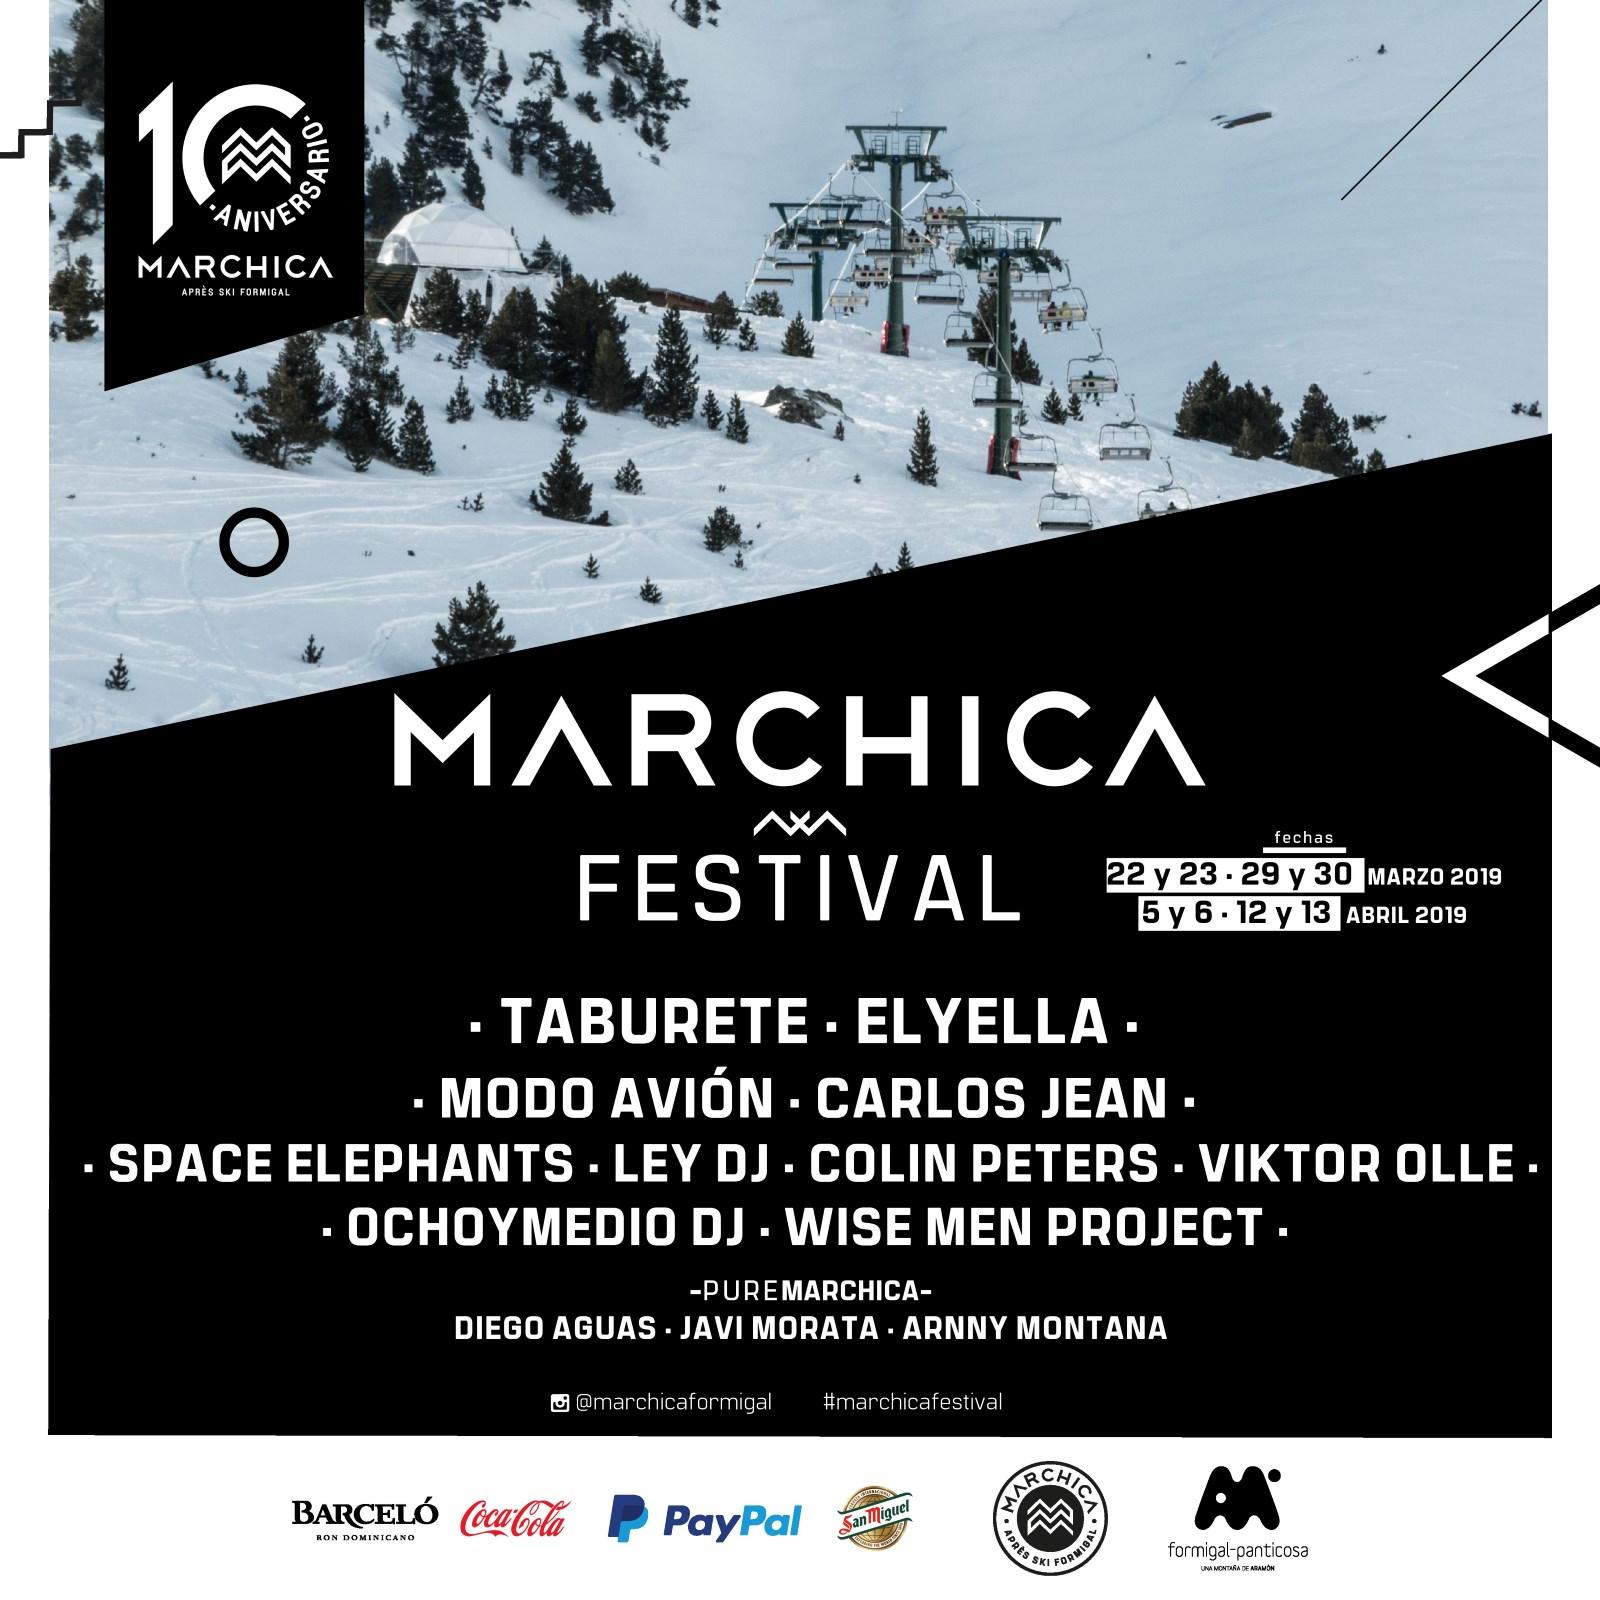 poster-marchica-festival